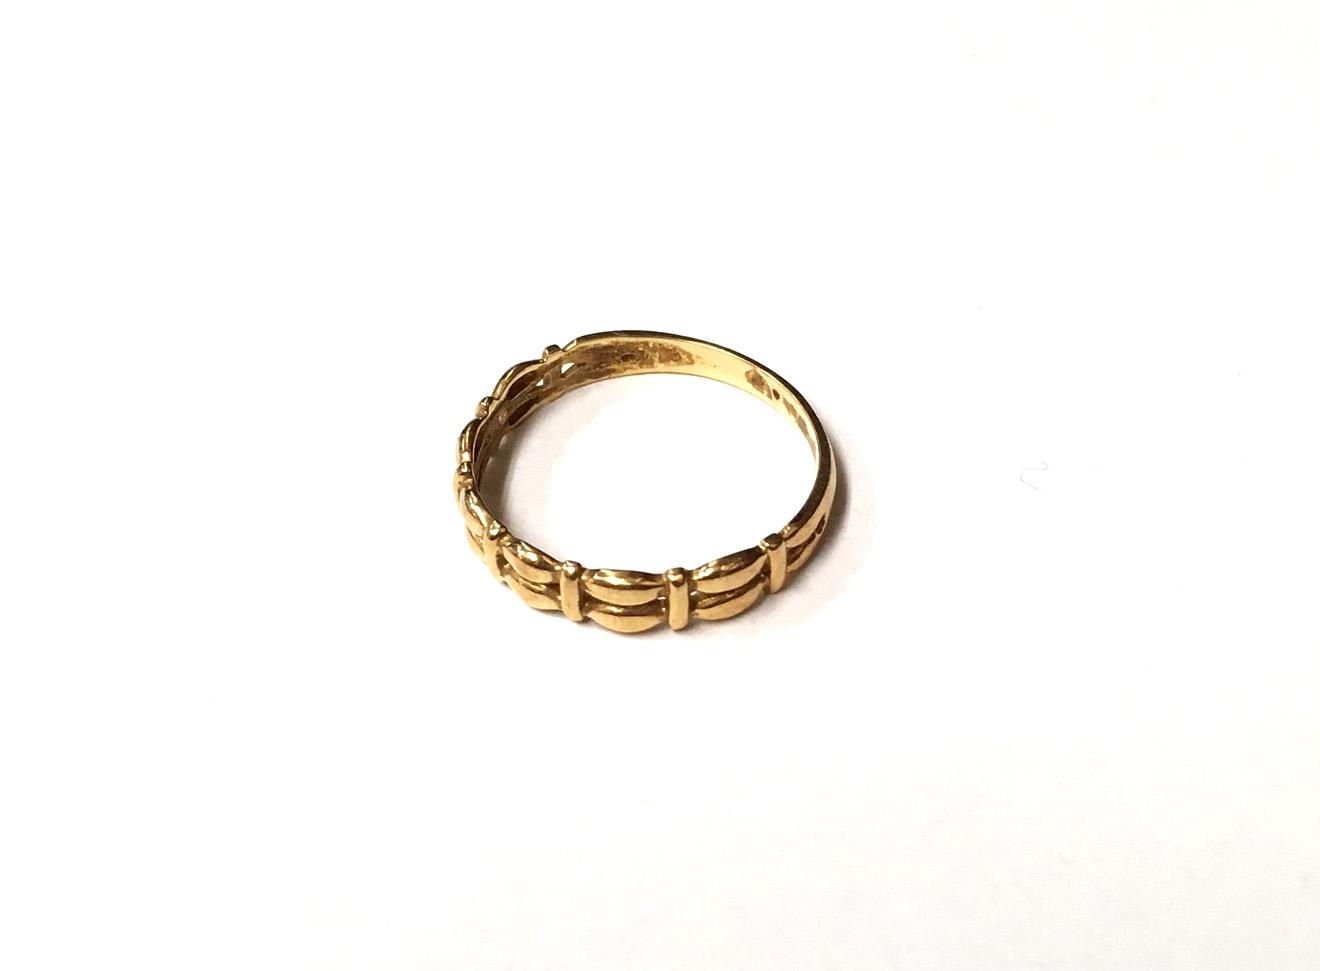 金 K18 指輪 買取実績のご紹介